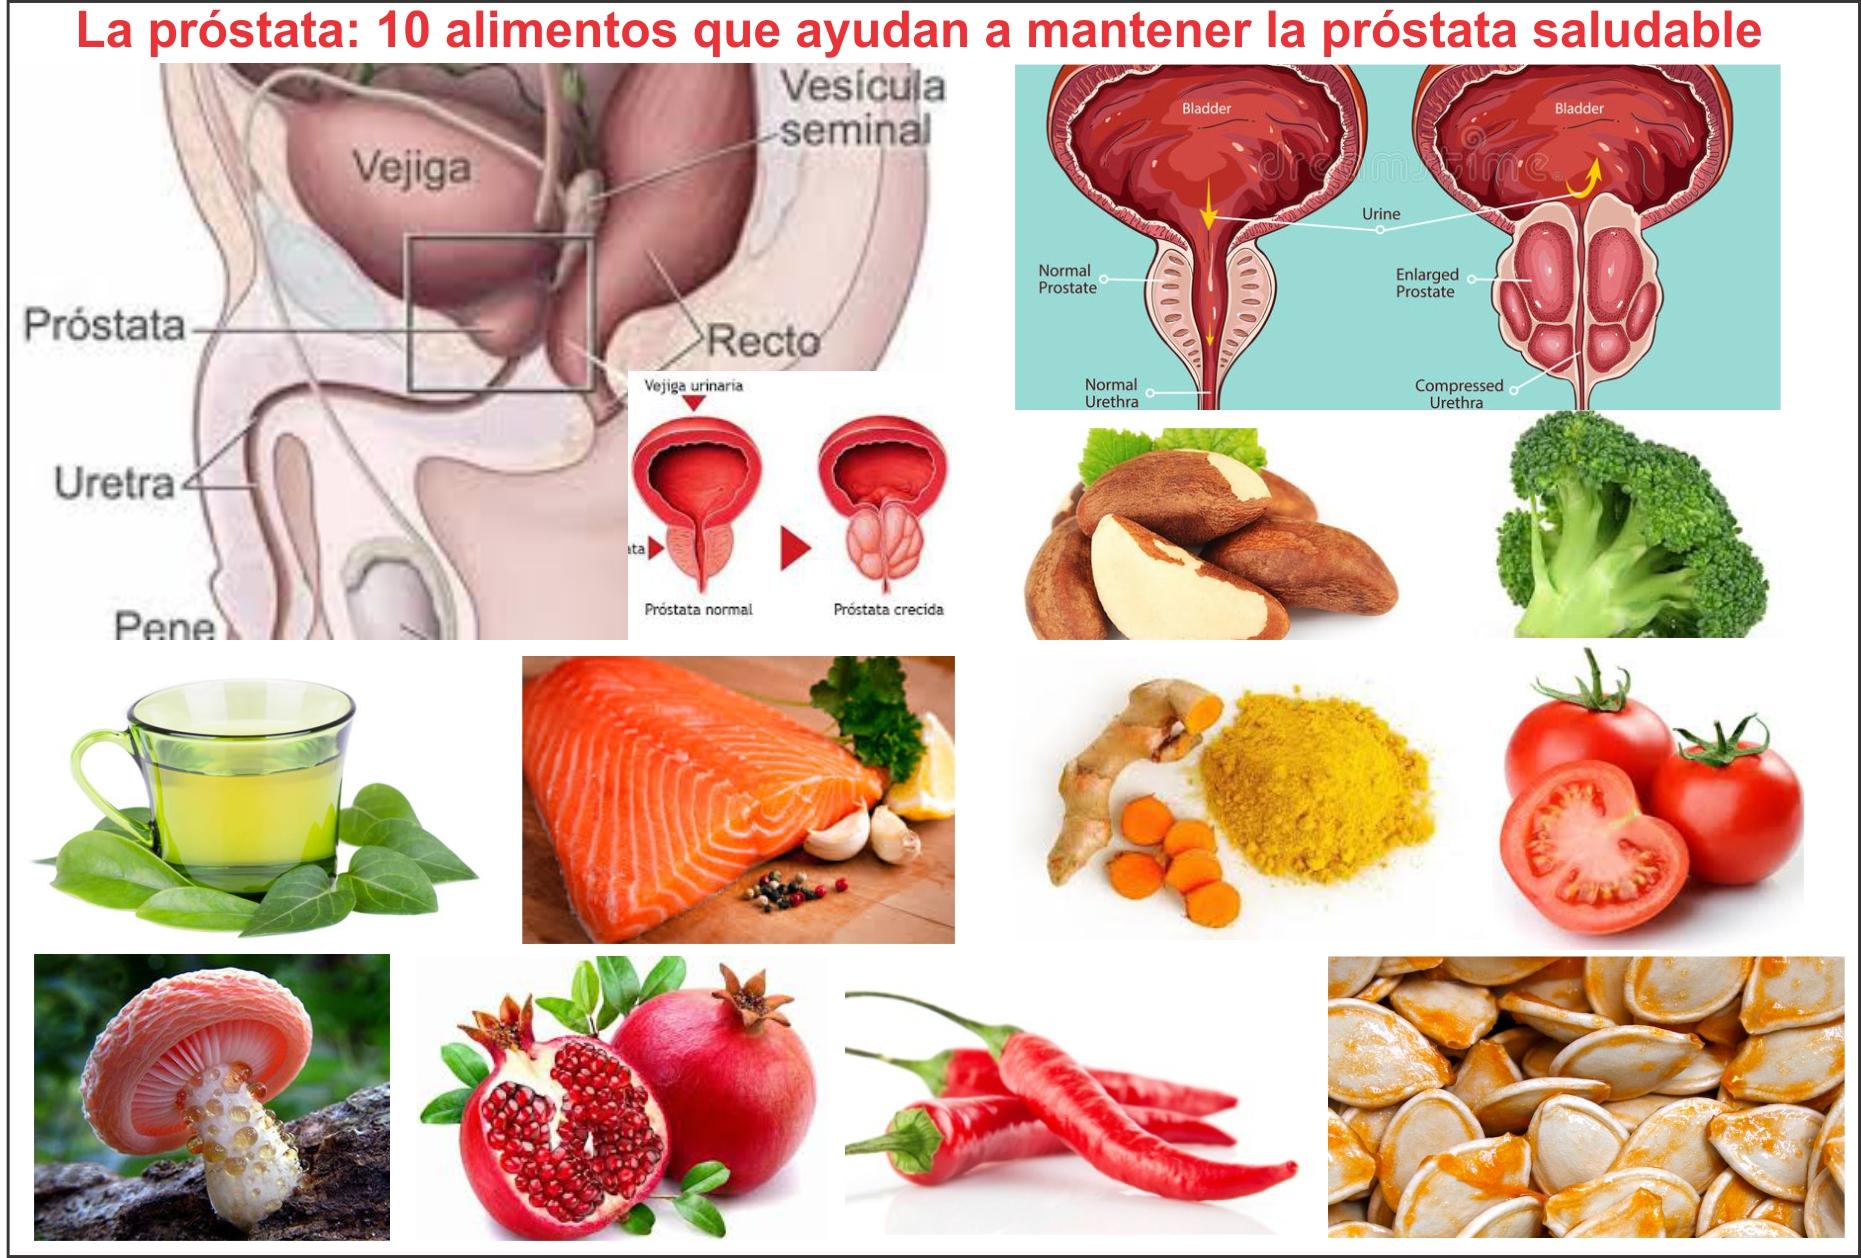 la eyaculación es buena para la próstata